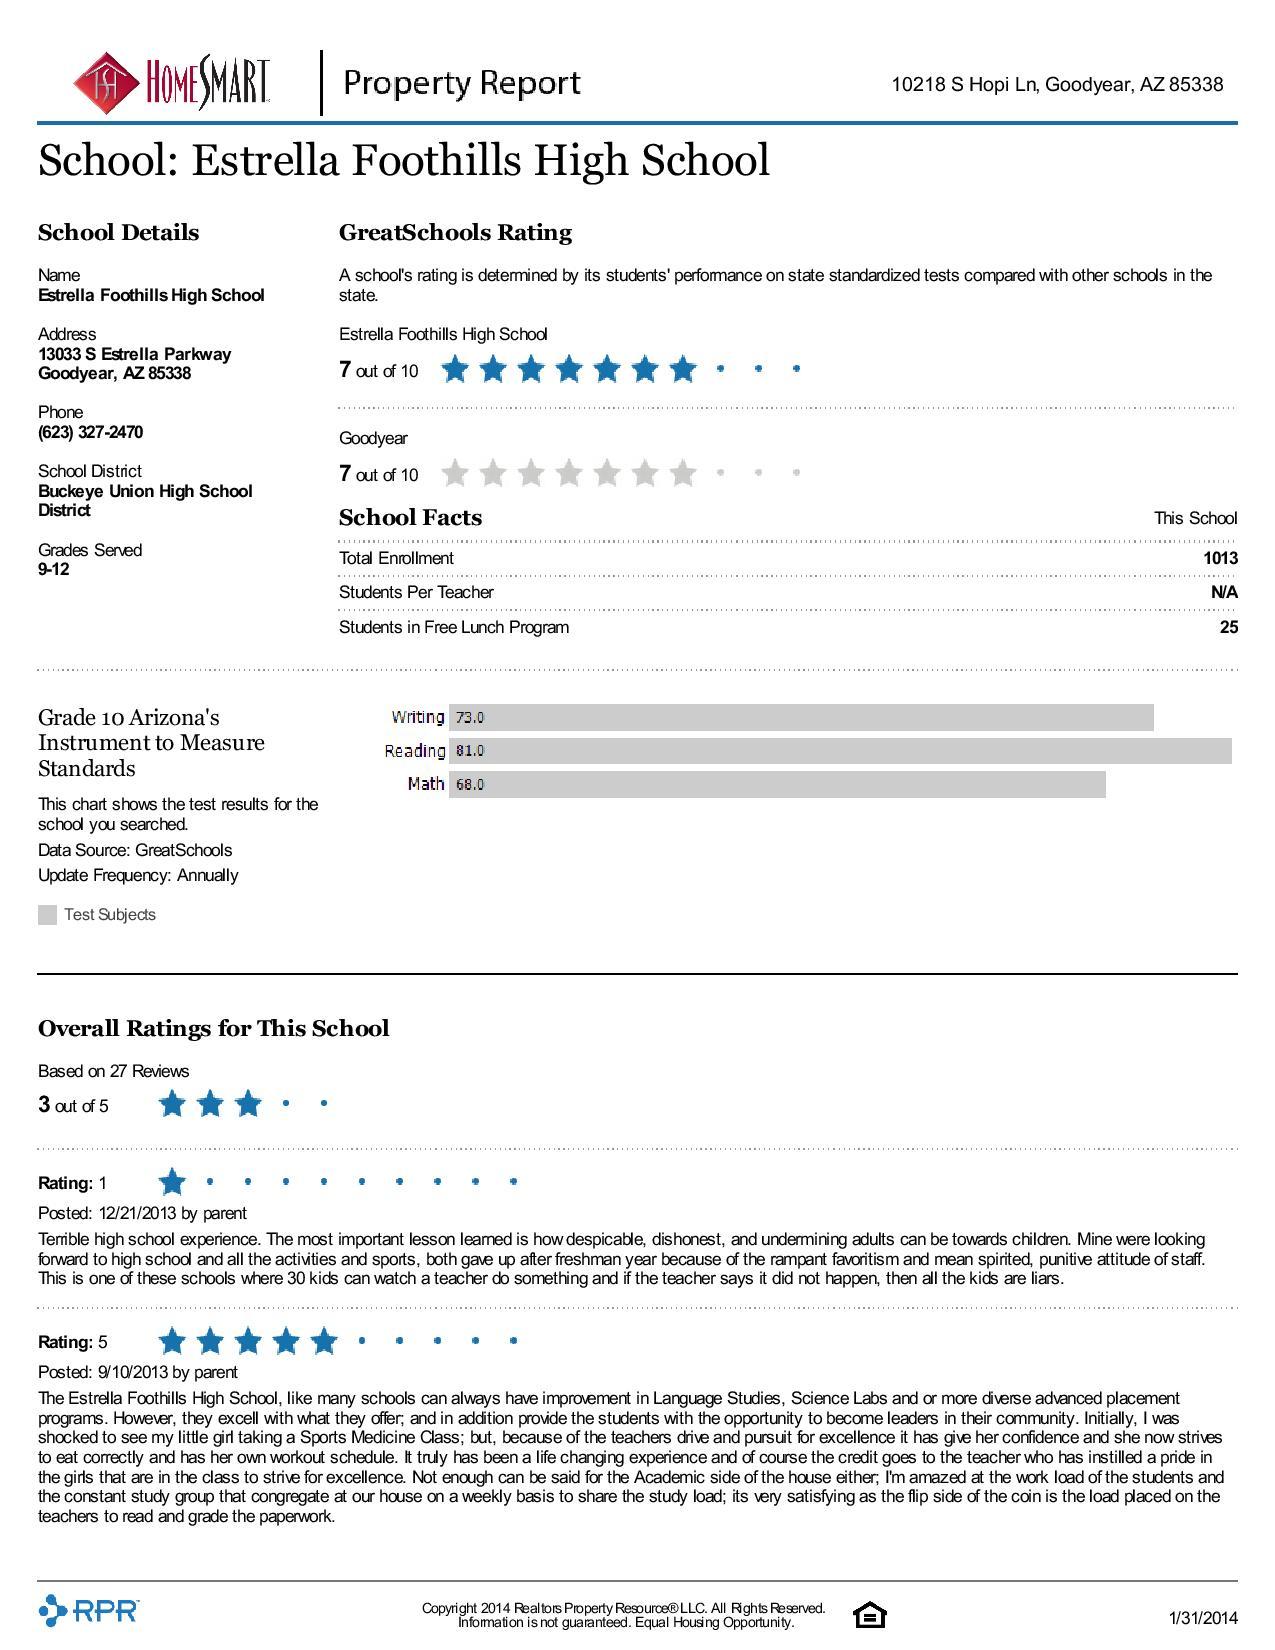 10218-S-Hopi-Ln-Goodyear-AZ-85338.pdf-page-010